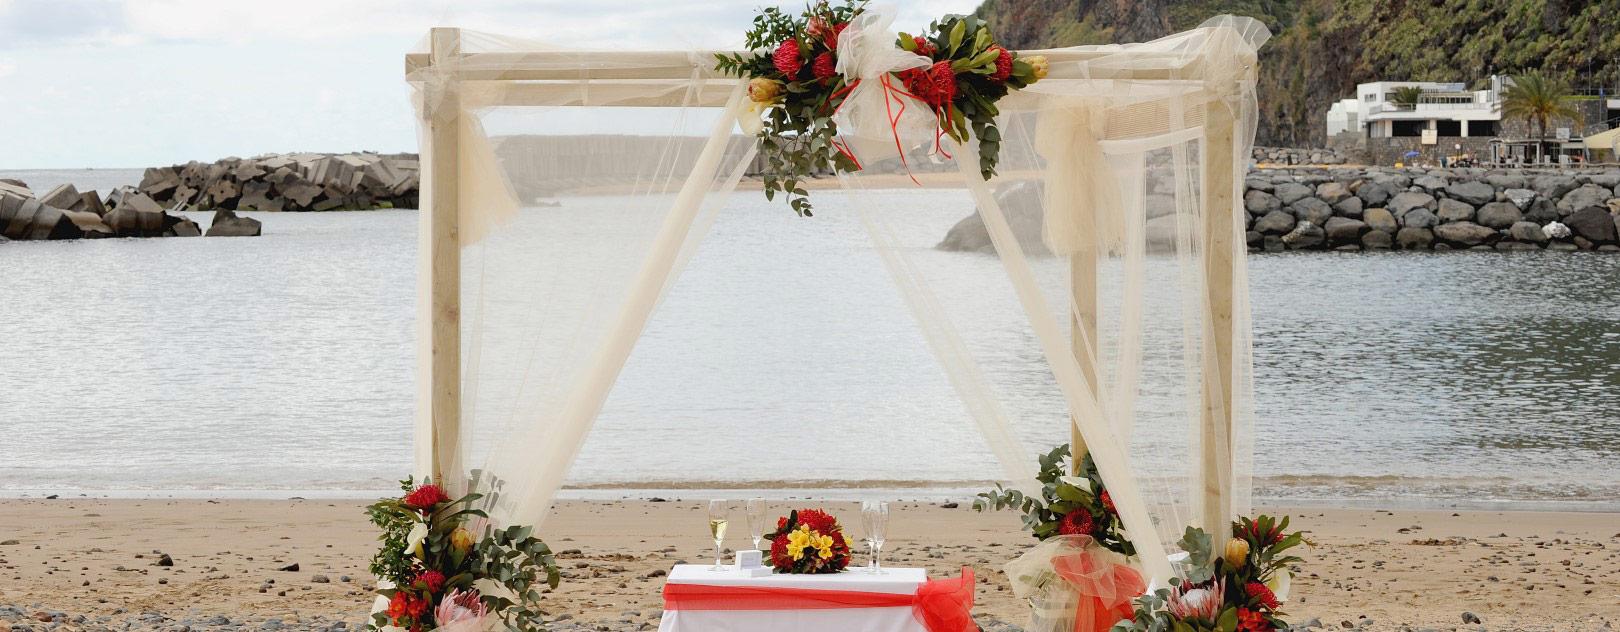 madeira-strand-meer-sonne-hochzeit-trauung-sand